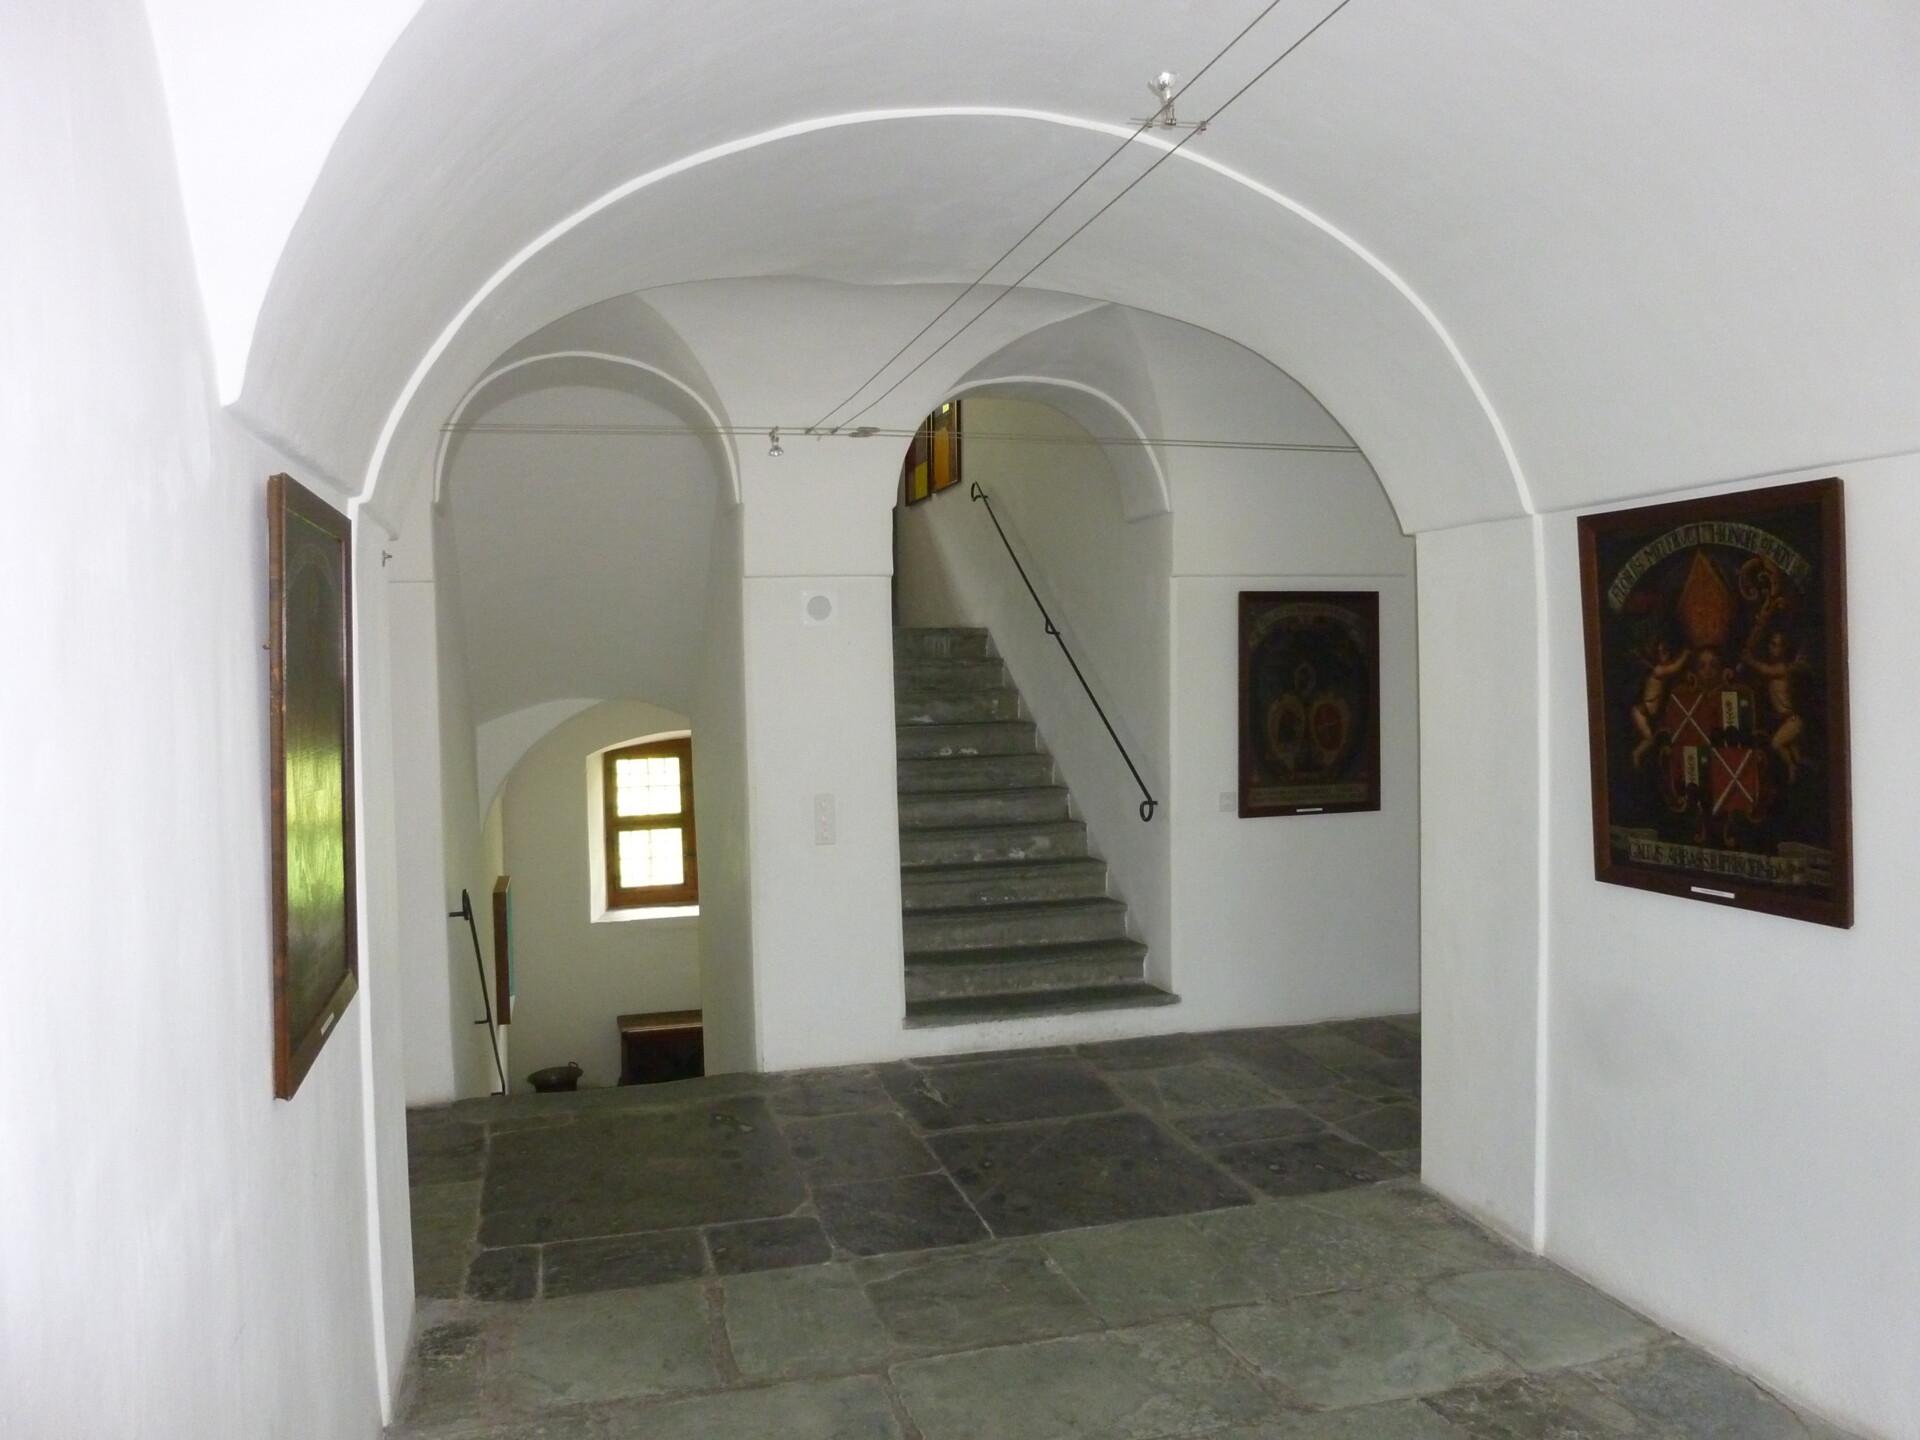 Museum Sursilvan Cuort Ligia Grischa | Treppenhaus